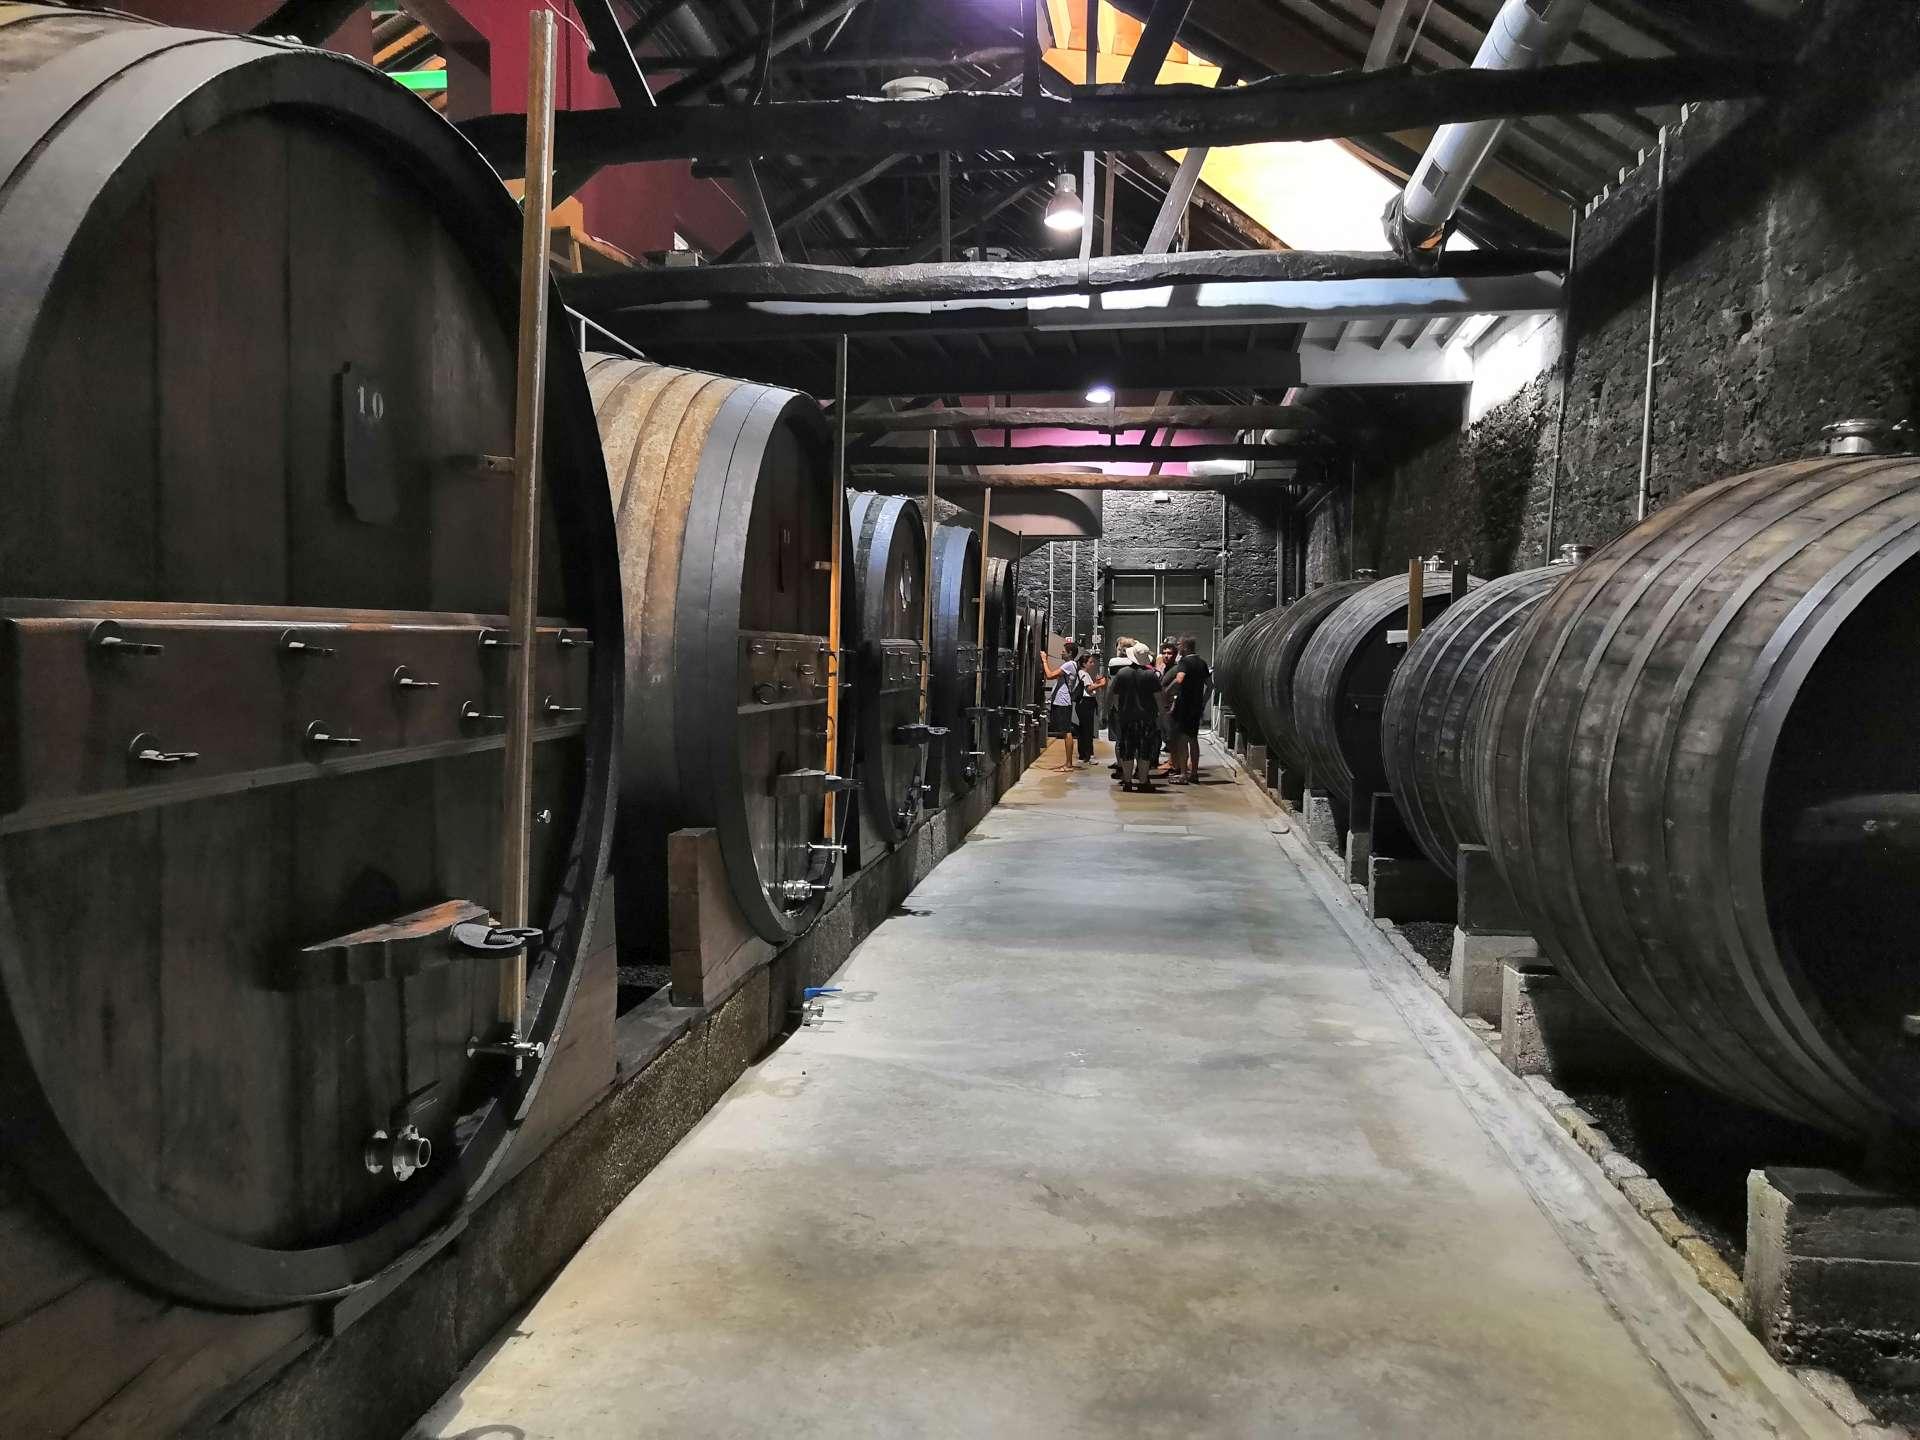 Součástí výroby portského vína je i skladování a zrání. Ulička mezi sudy toneis.